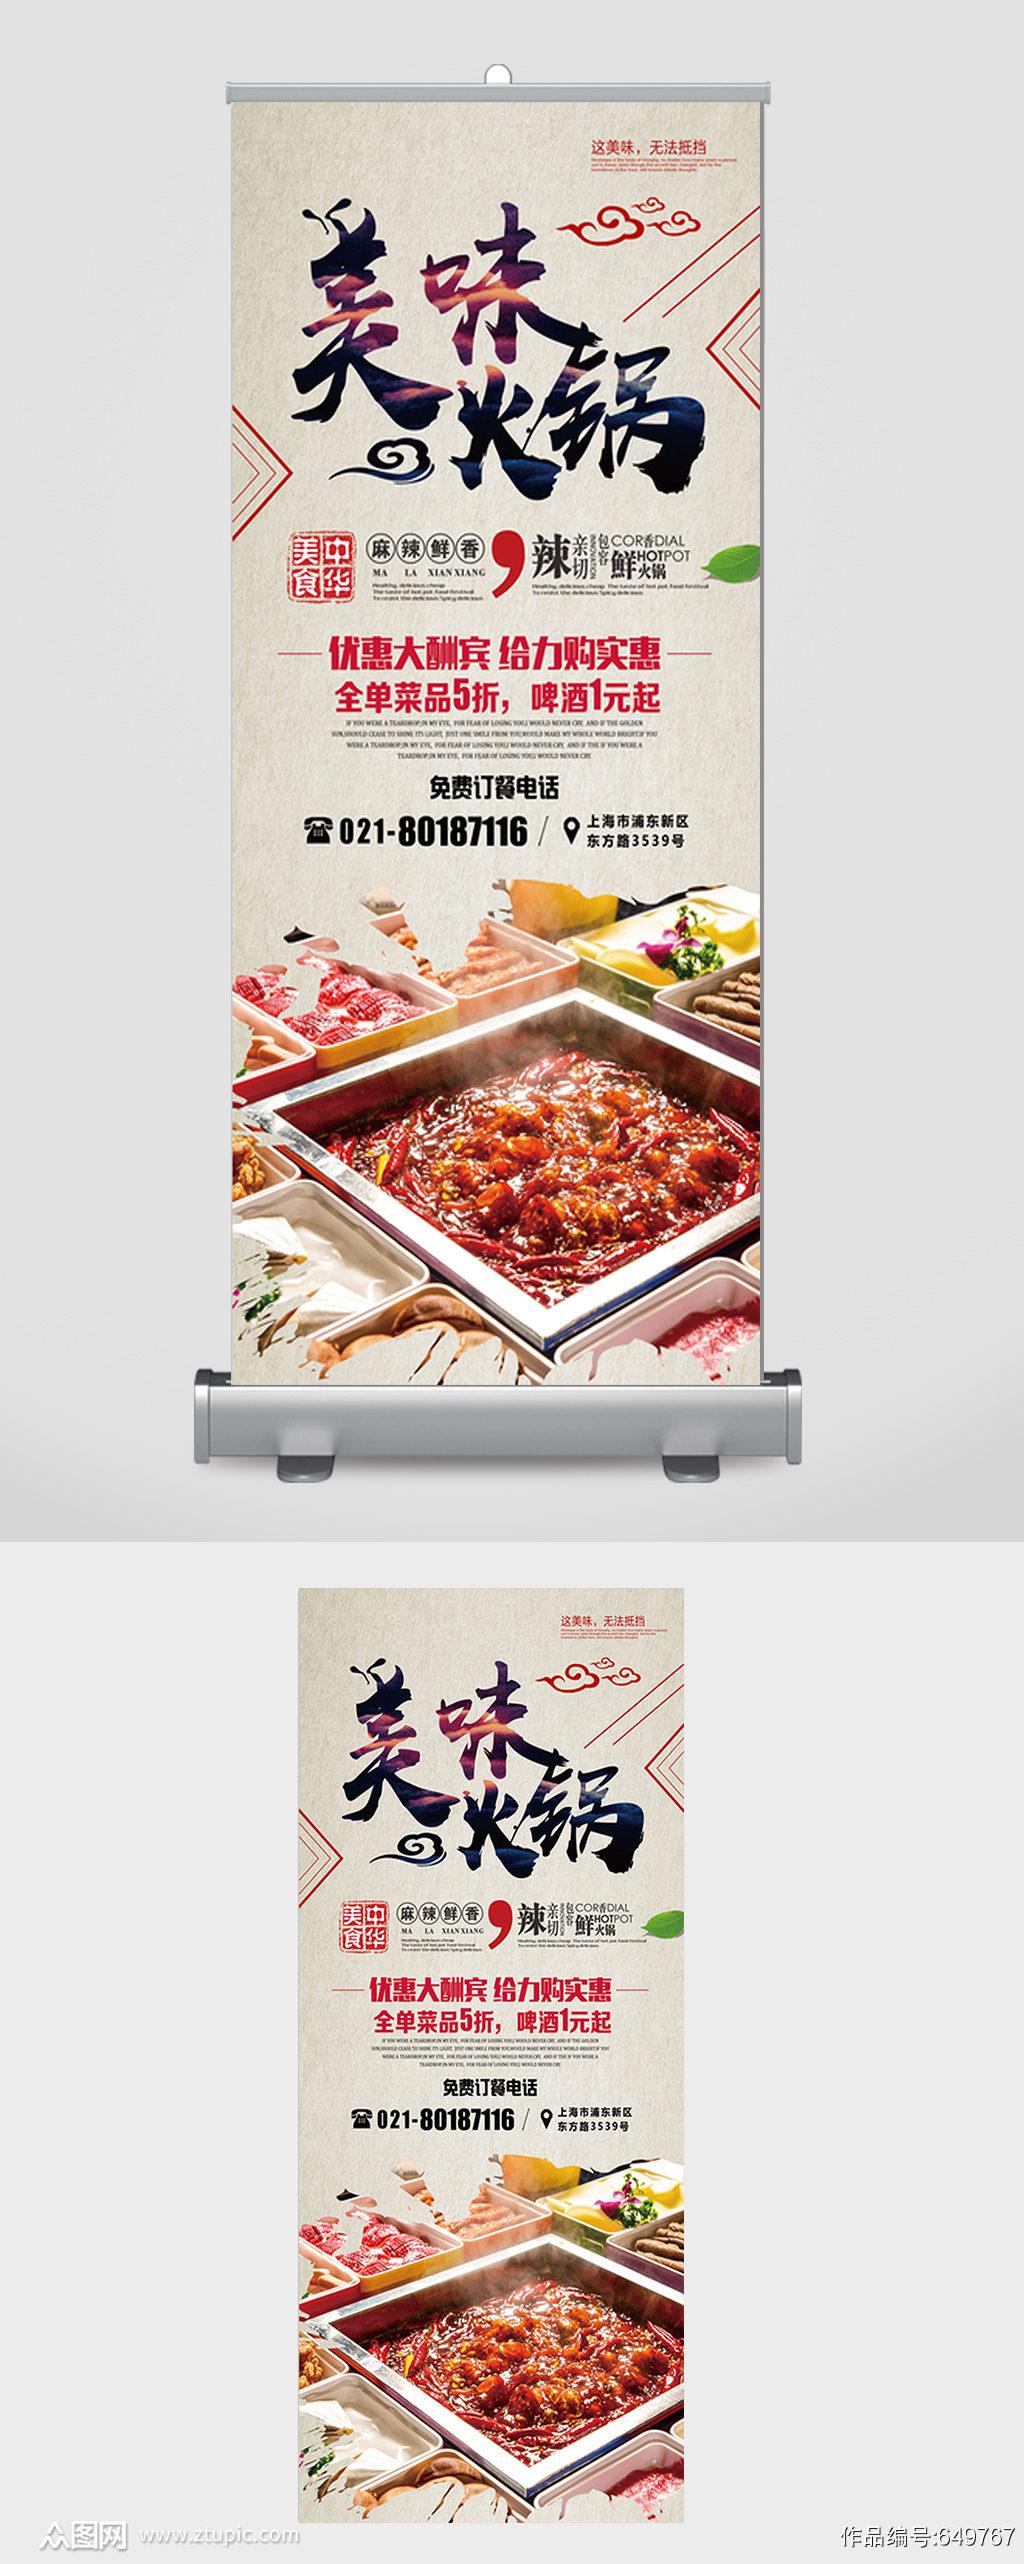 中华美食美味火锅展架素材